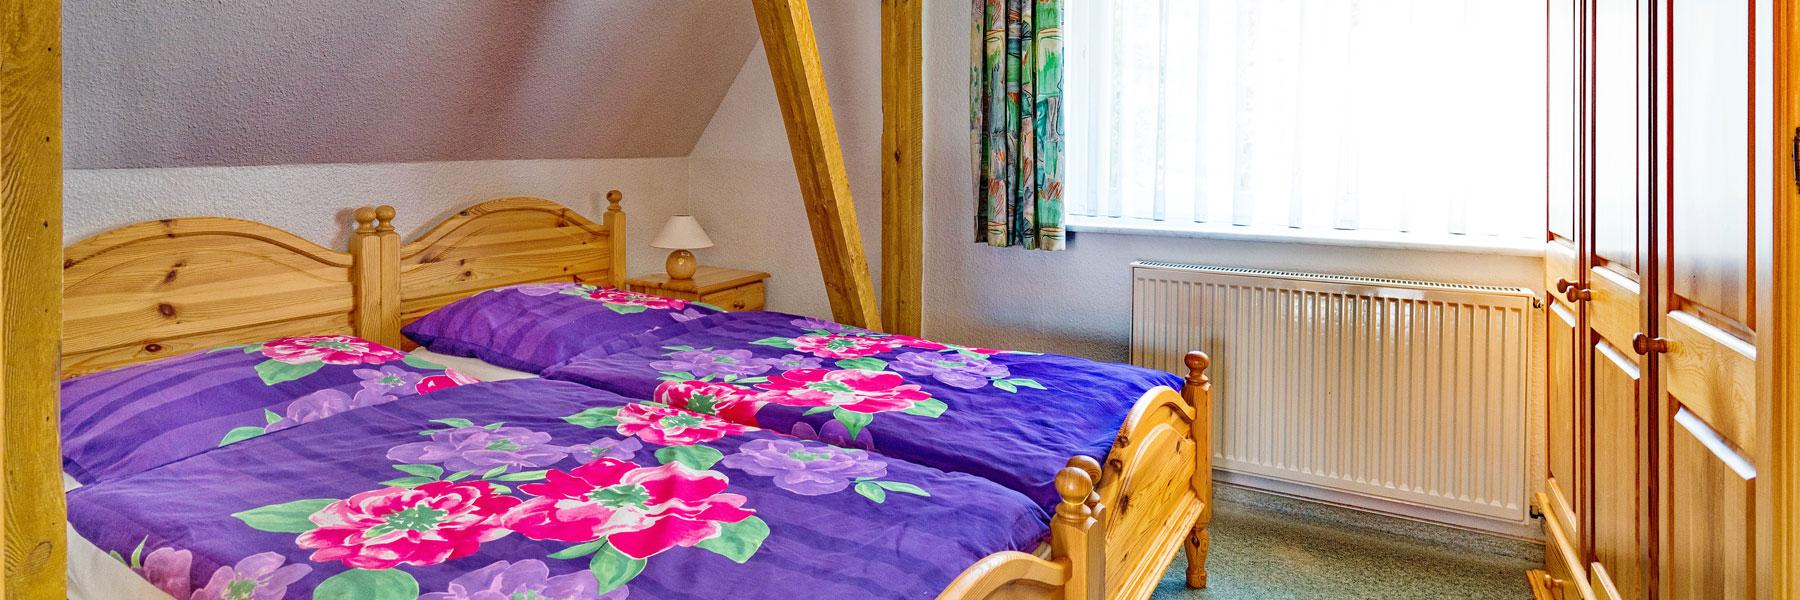 Schlafzimmer - Ferienwohnungen Waldesruh Dierhagen